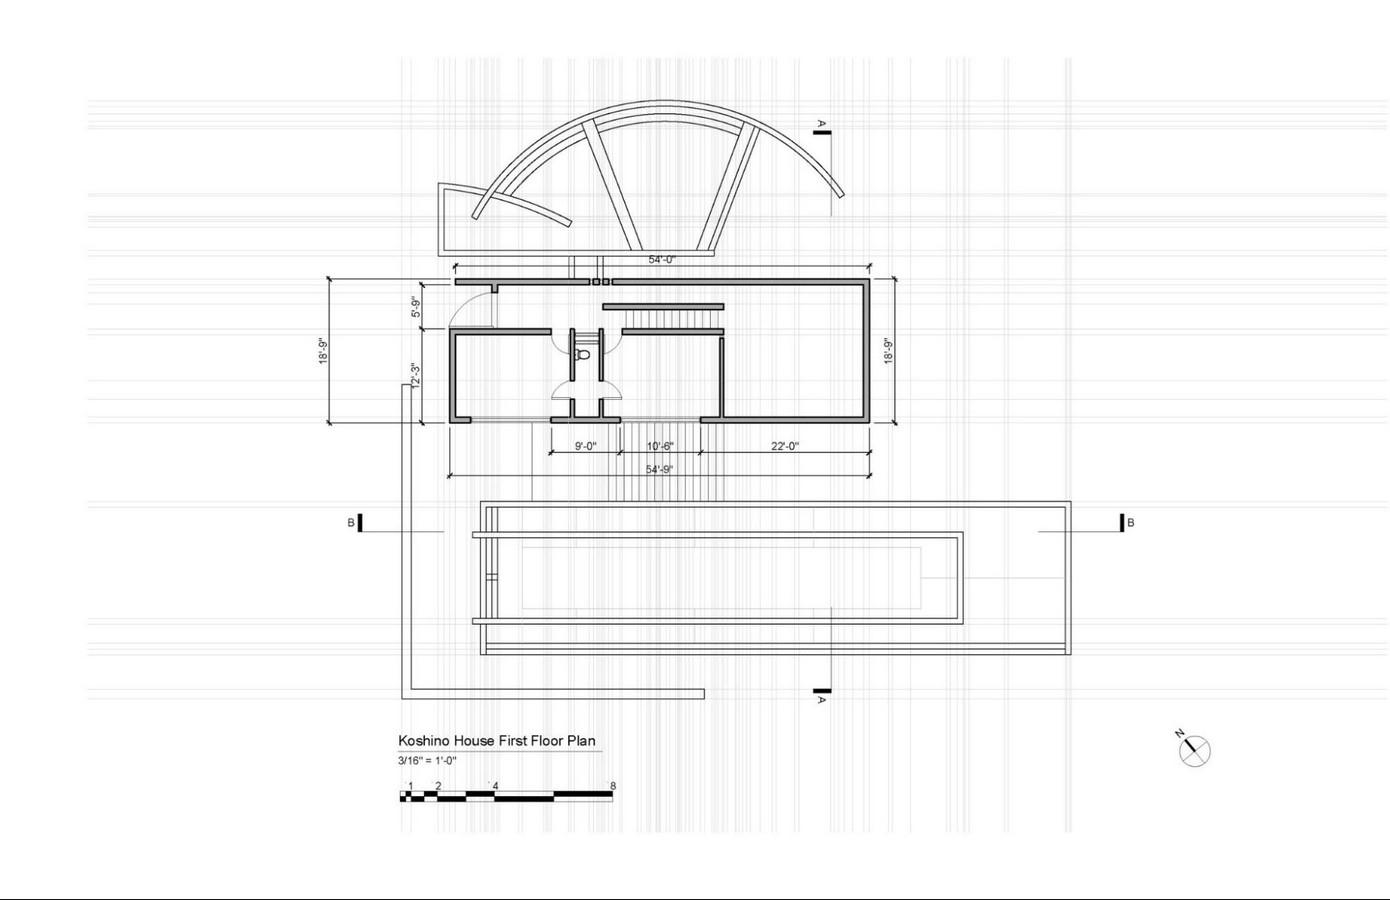 Koshino House by Tadao Ando: The play of Light Sheet12